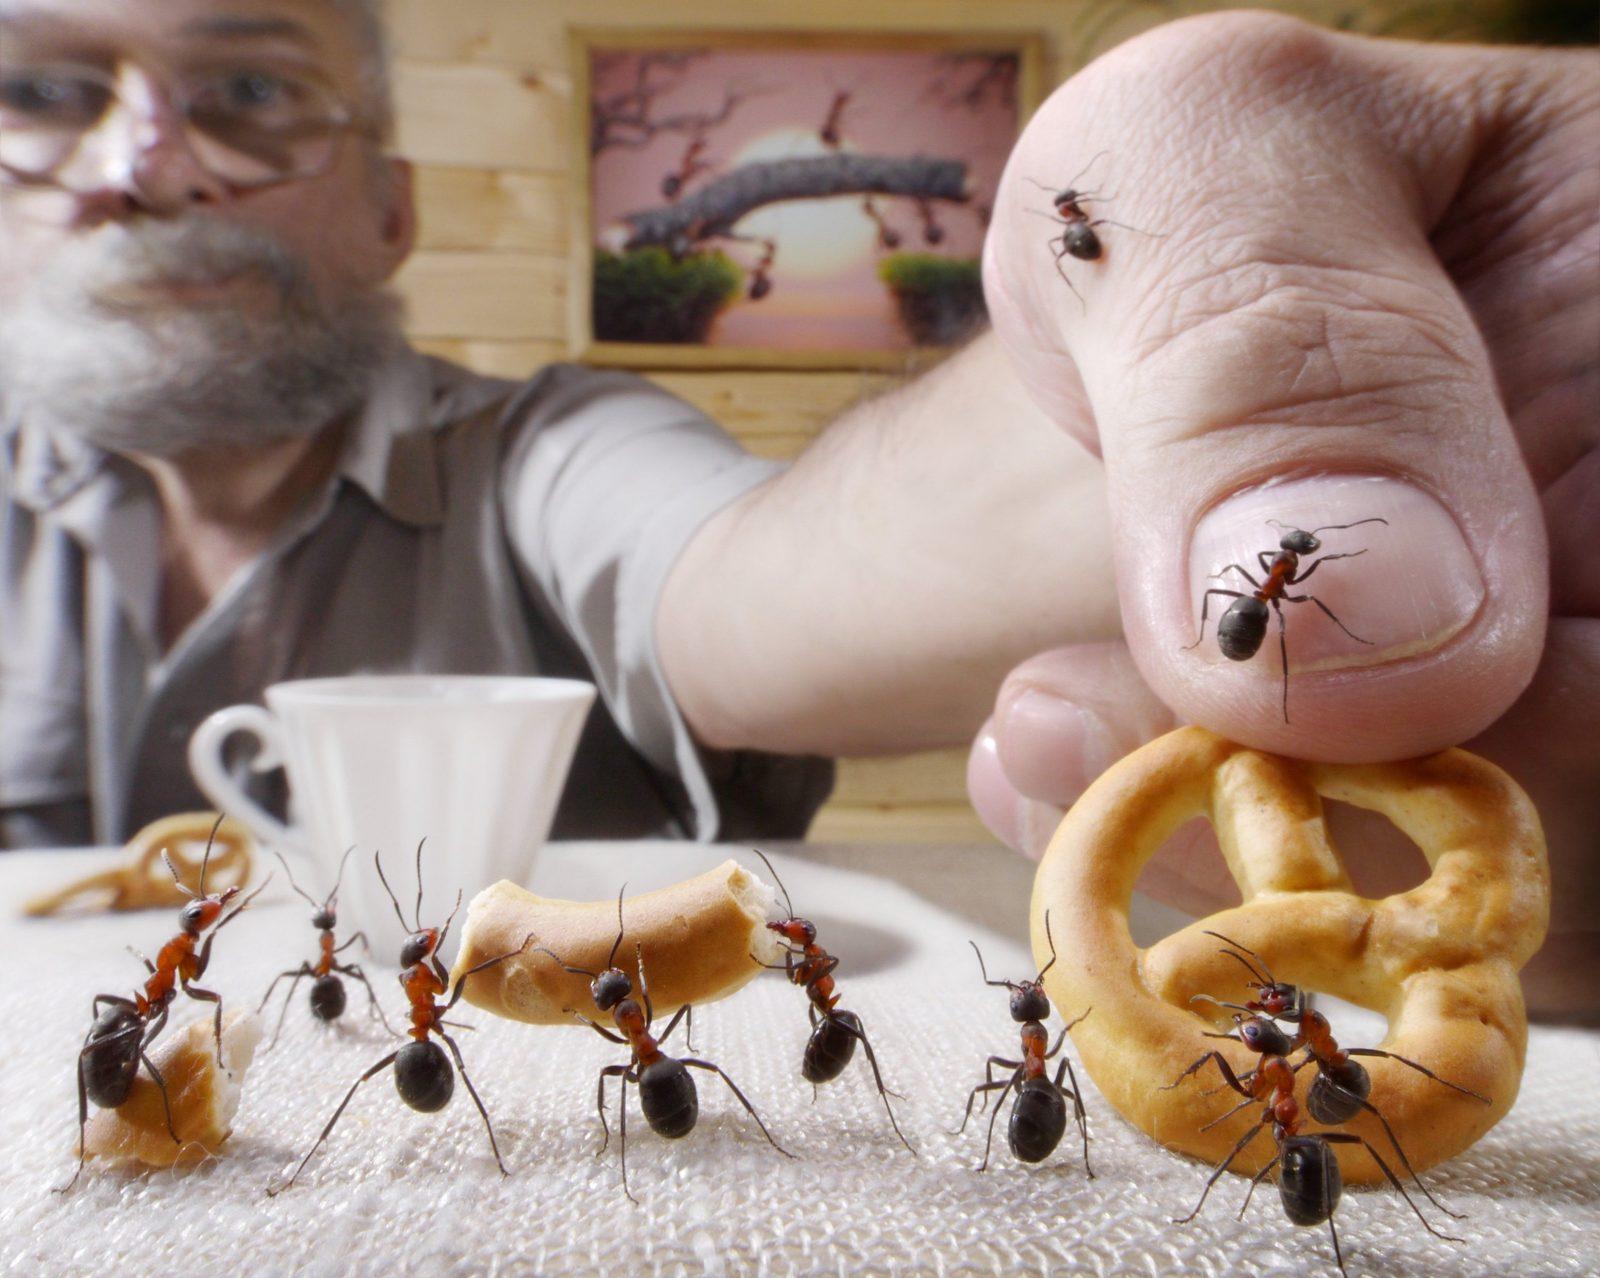 Ameisen In Der Küche 5 Mittel Die Helfen – Ohne Giftige Chemie – Giga von Ameisen In Der Küche Bild